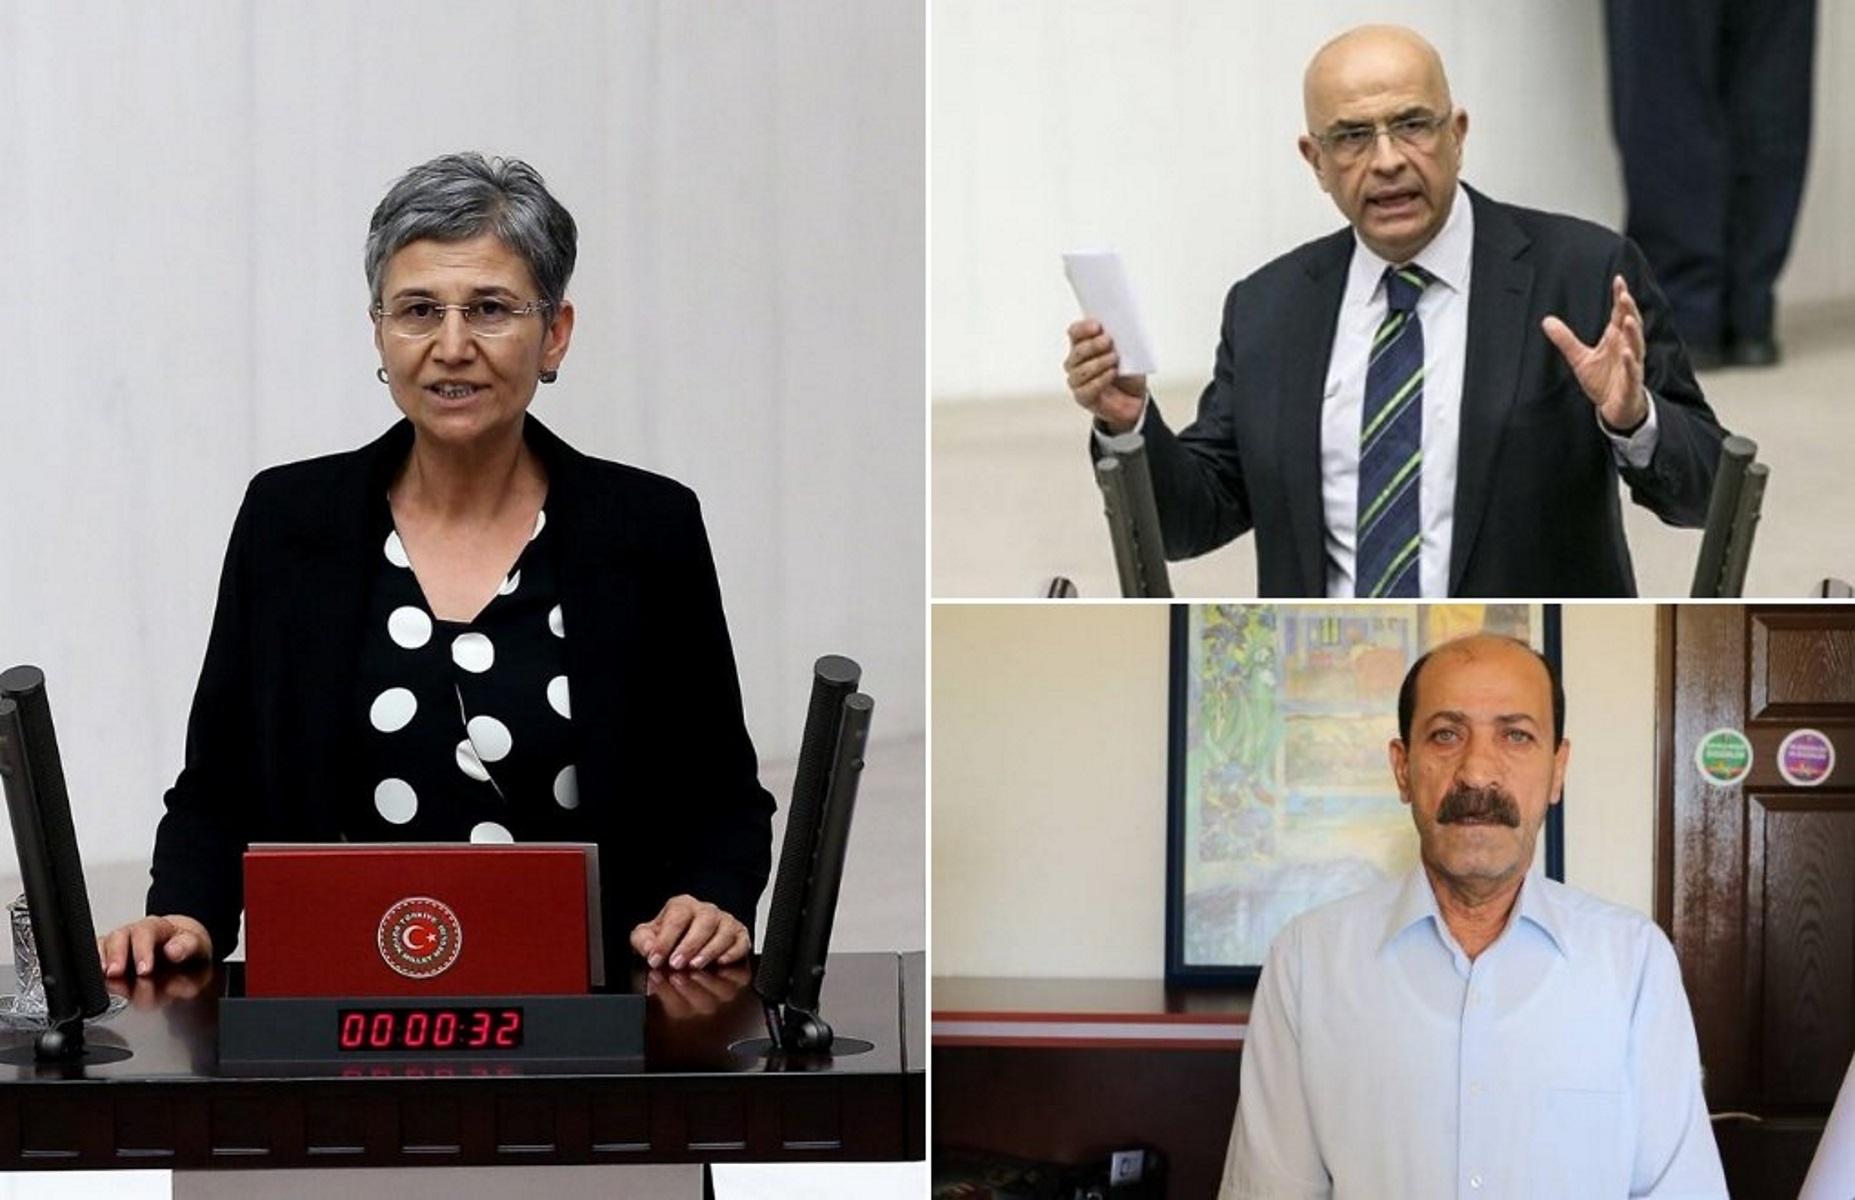 Σάλος στην Τουρκία για την φυλάκιση τριών βουλευτών της αντιπολίτευσης (video)